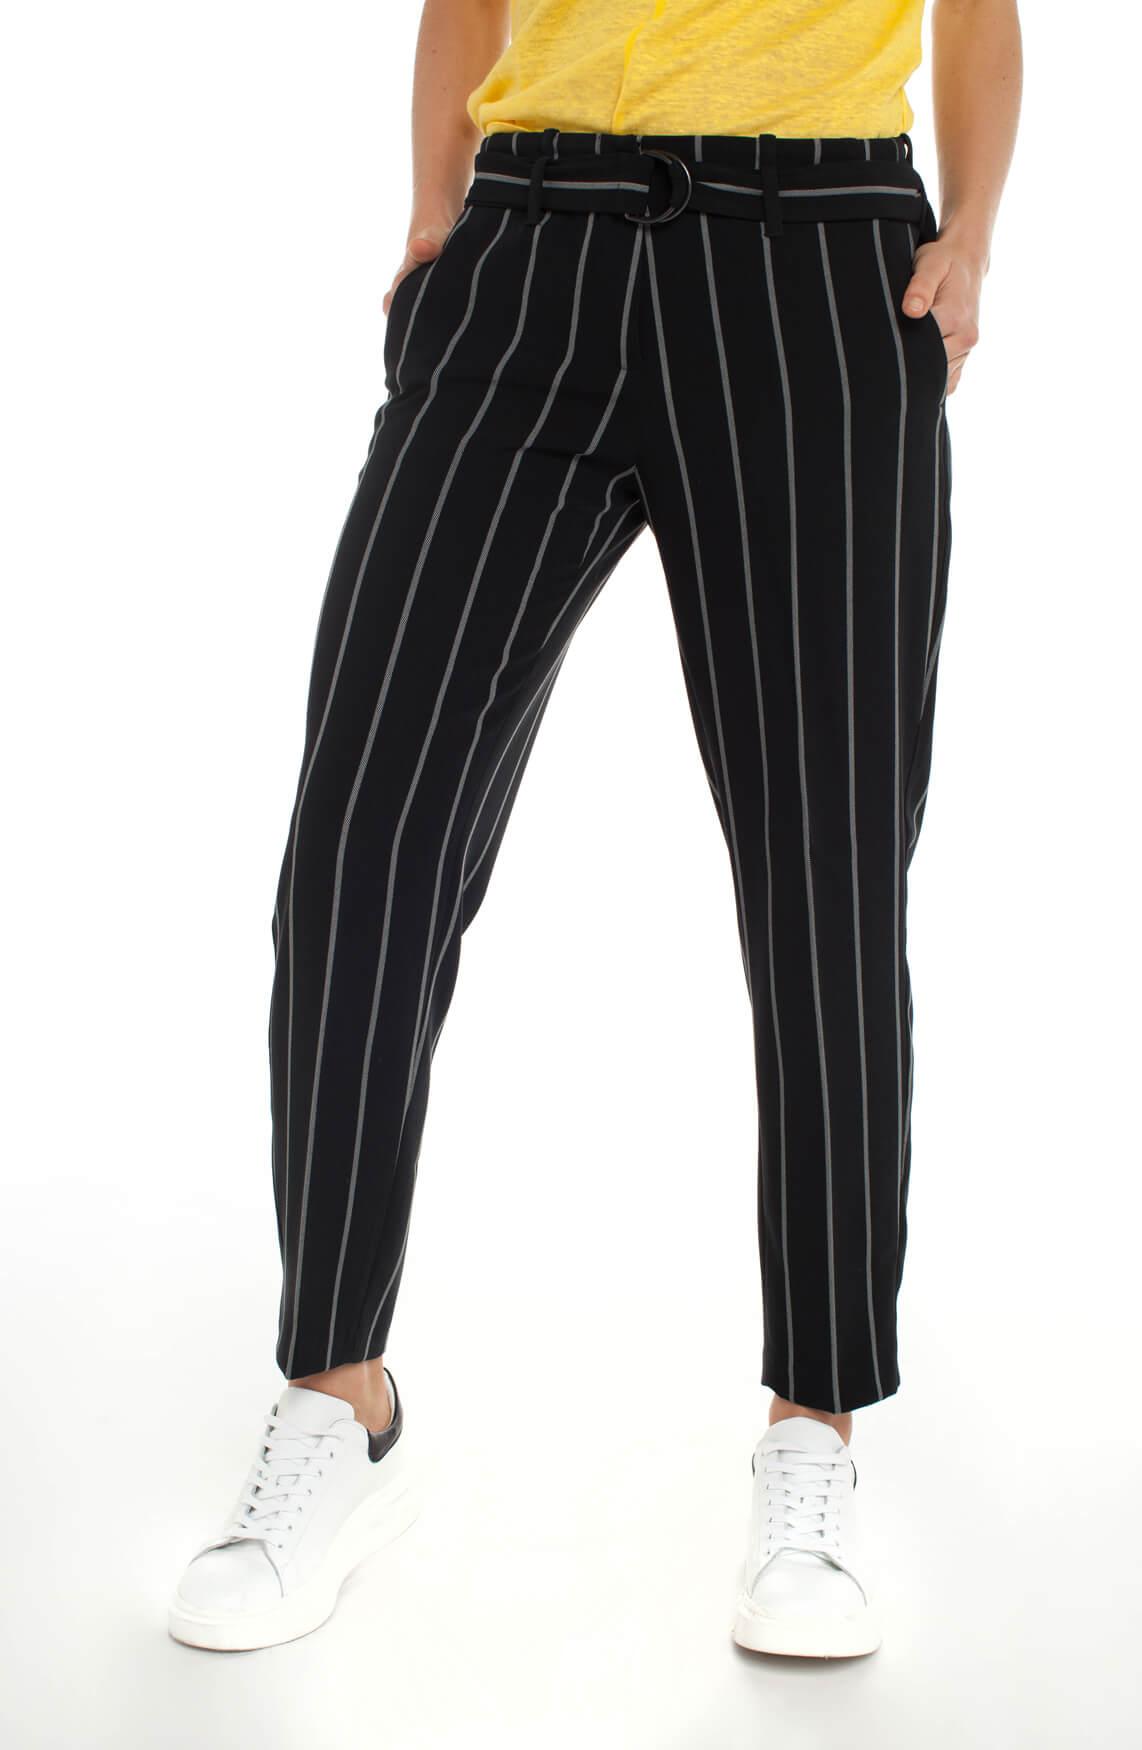 Cambio Dames Kaia pantalon met strepen zwart